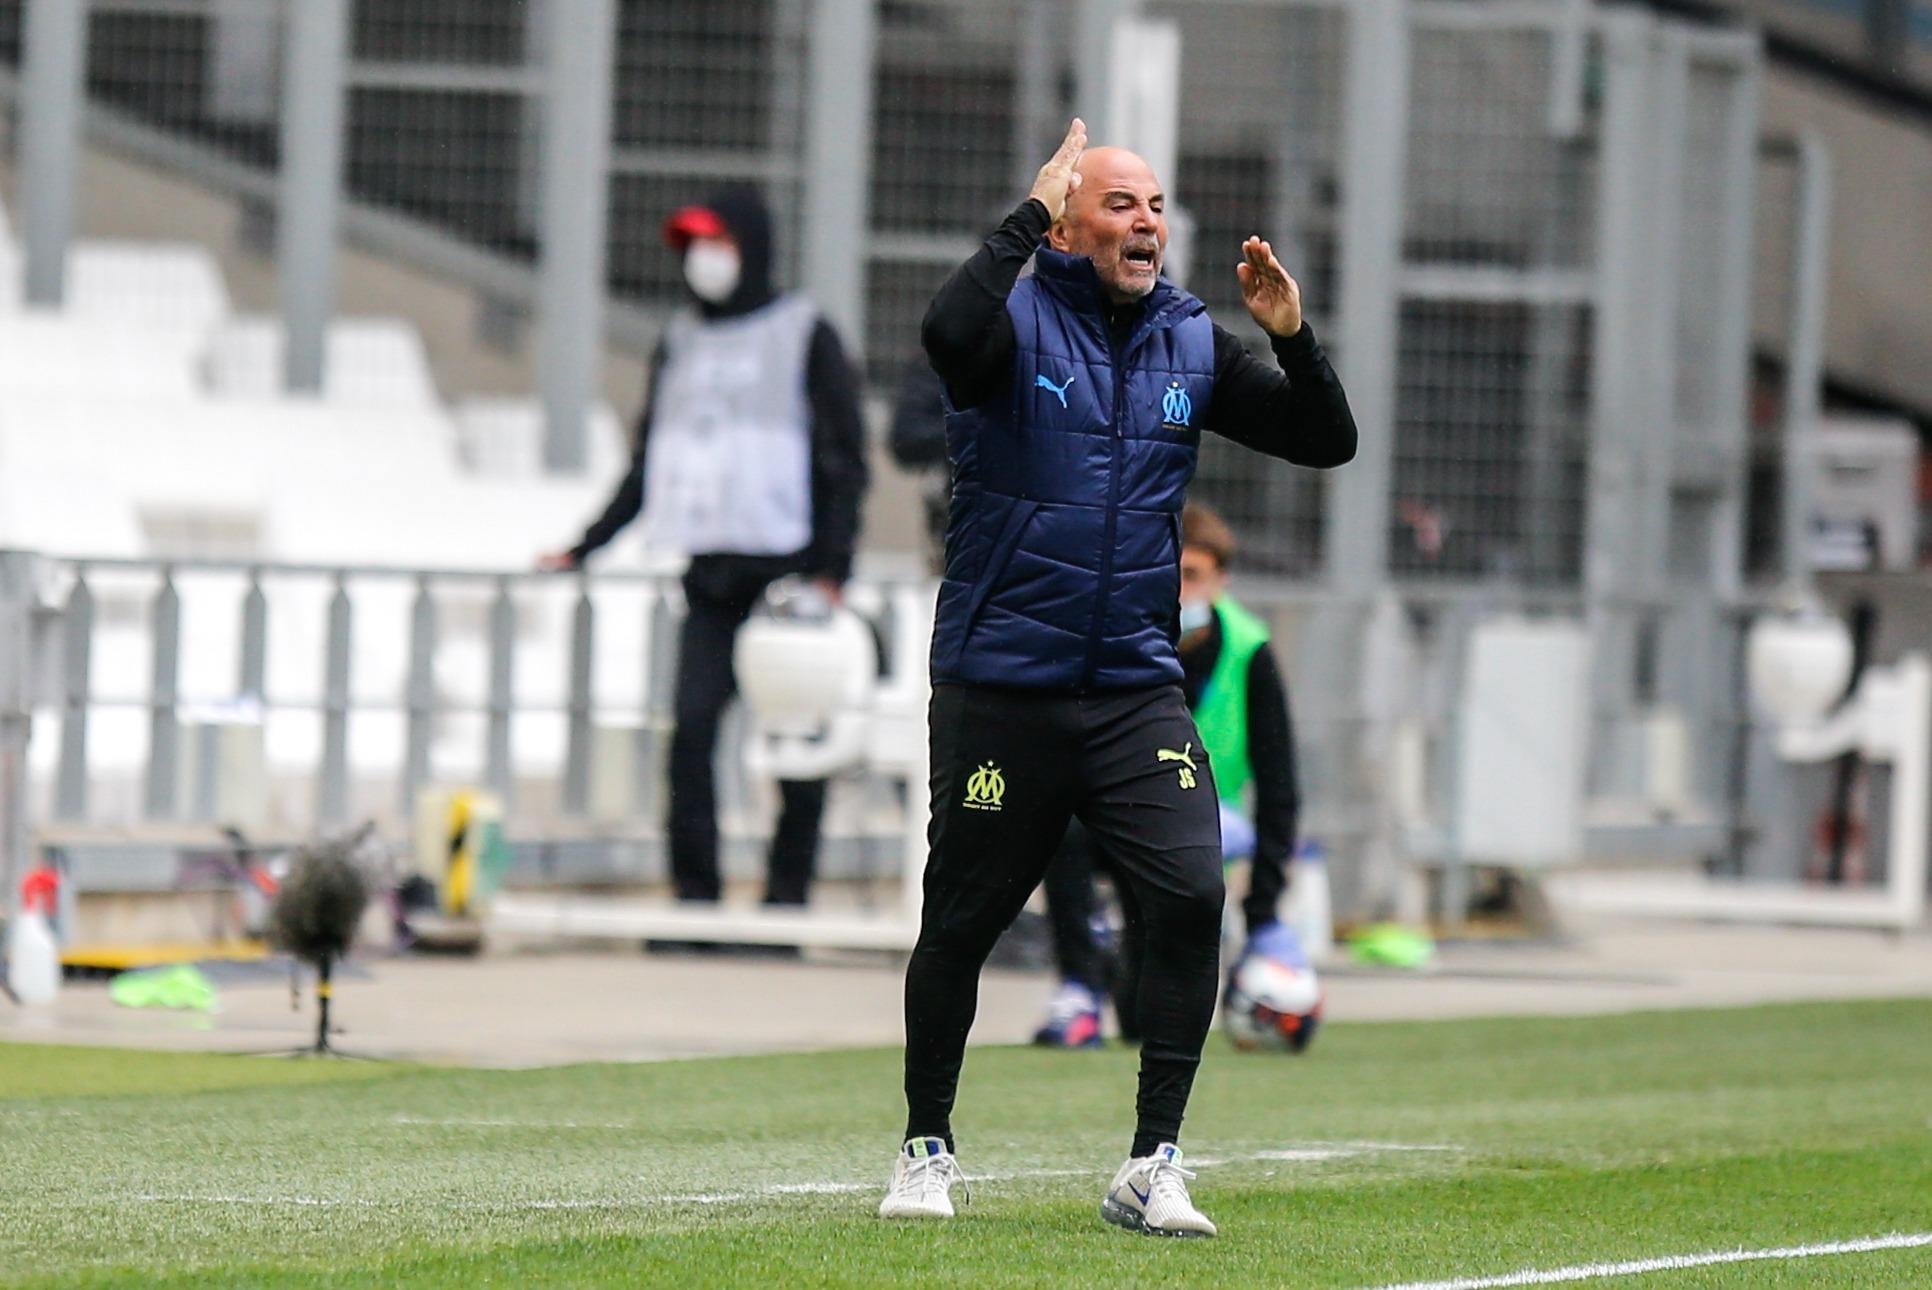 OM - Sans joueurs, Sampaoli ne pourra rien faire la saison prochaine